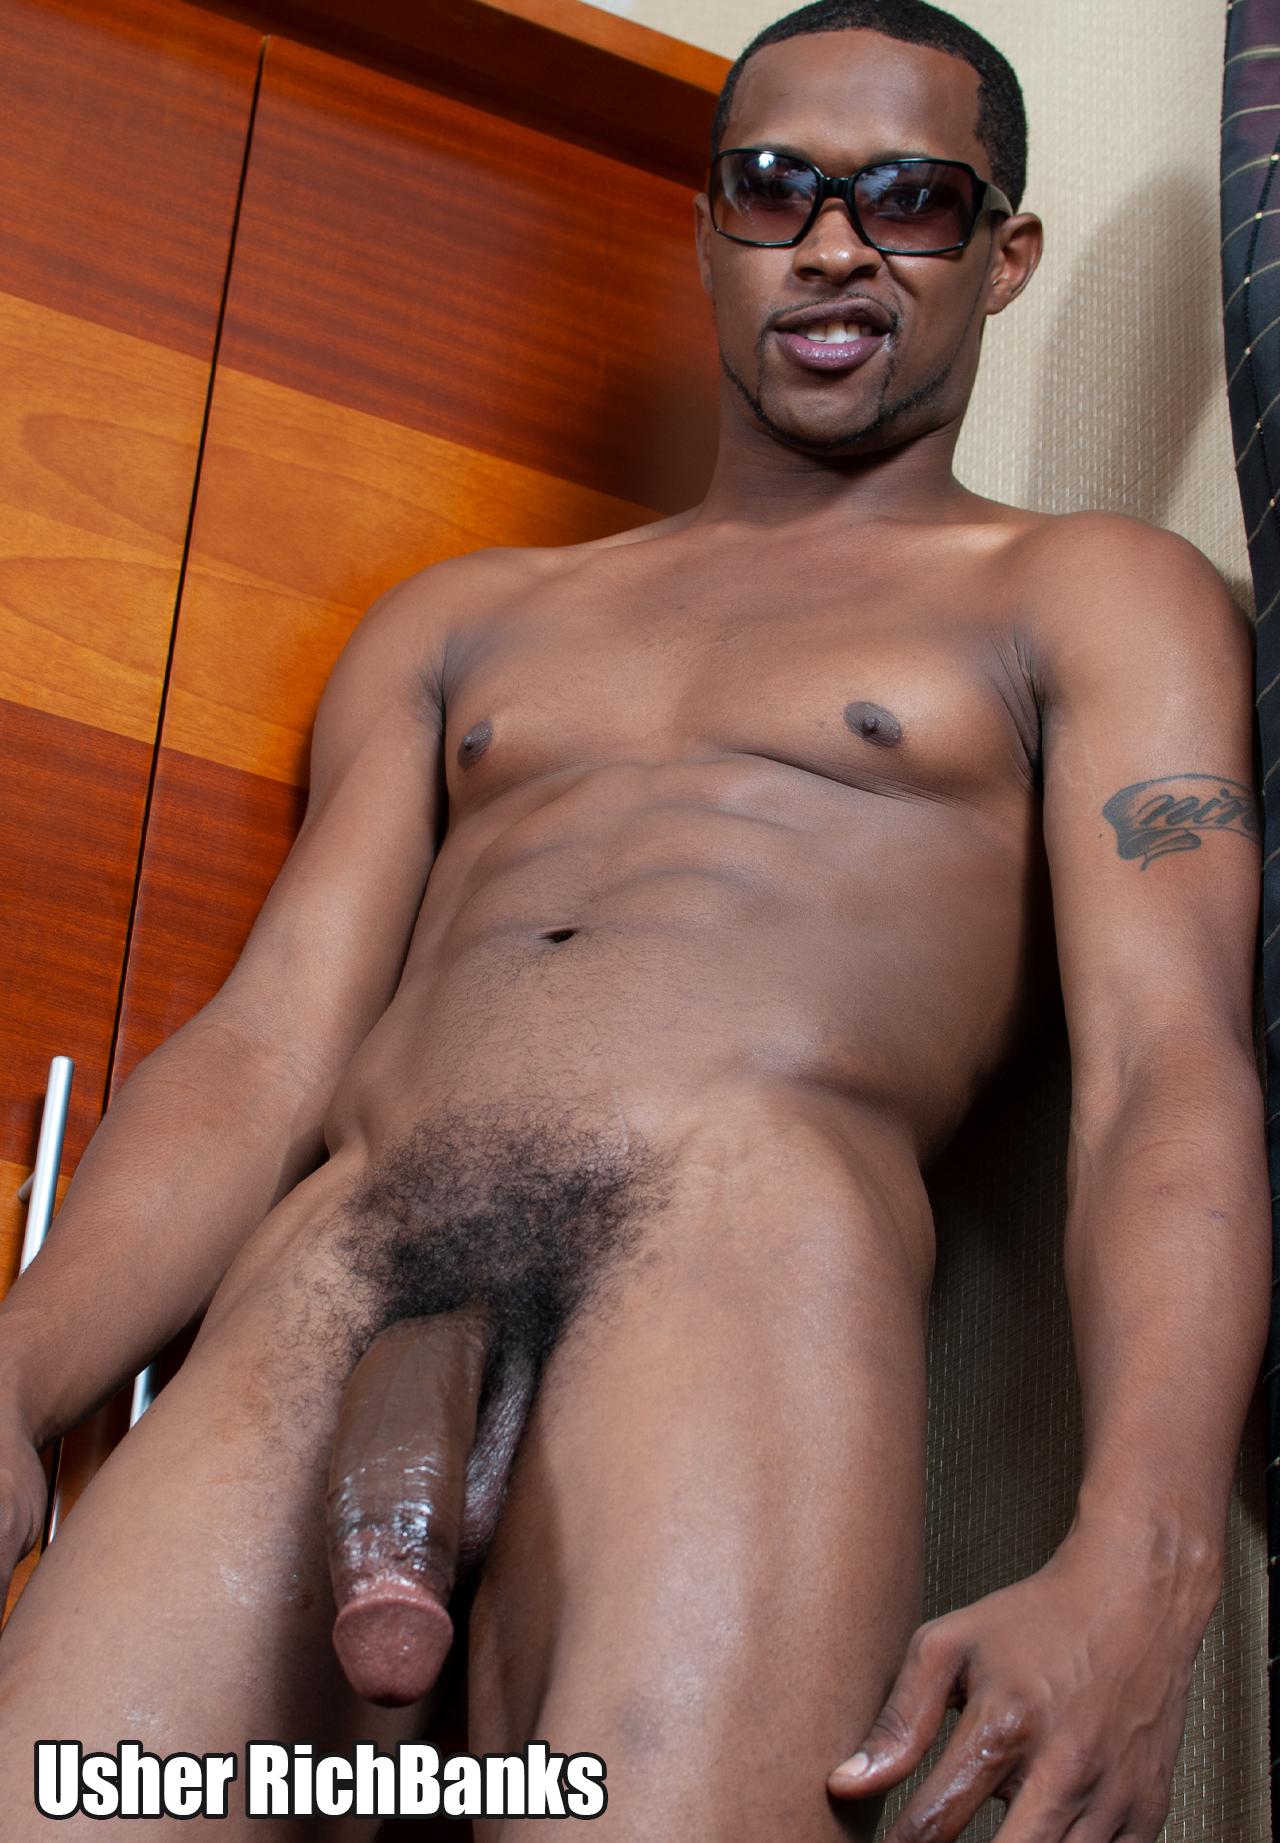 Usher RichBanks